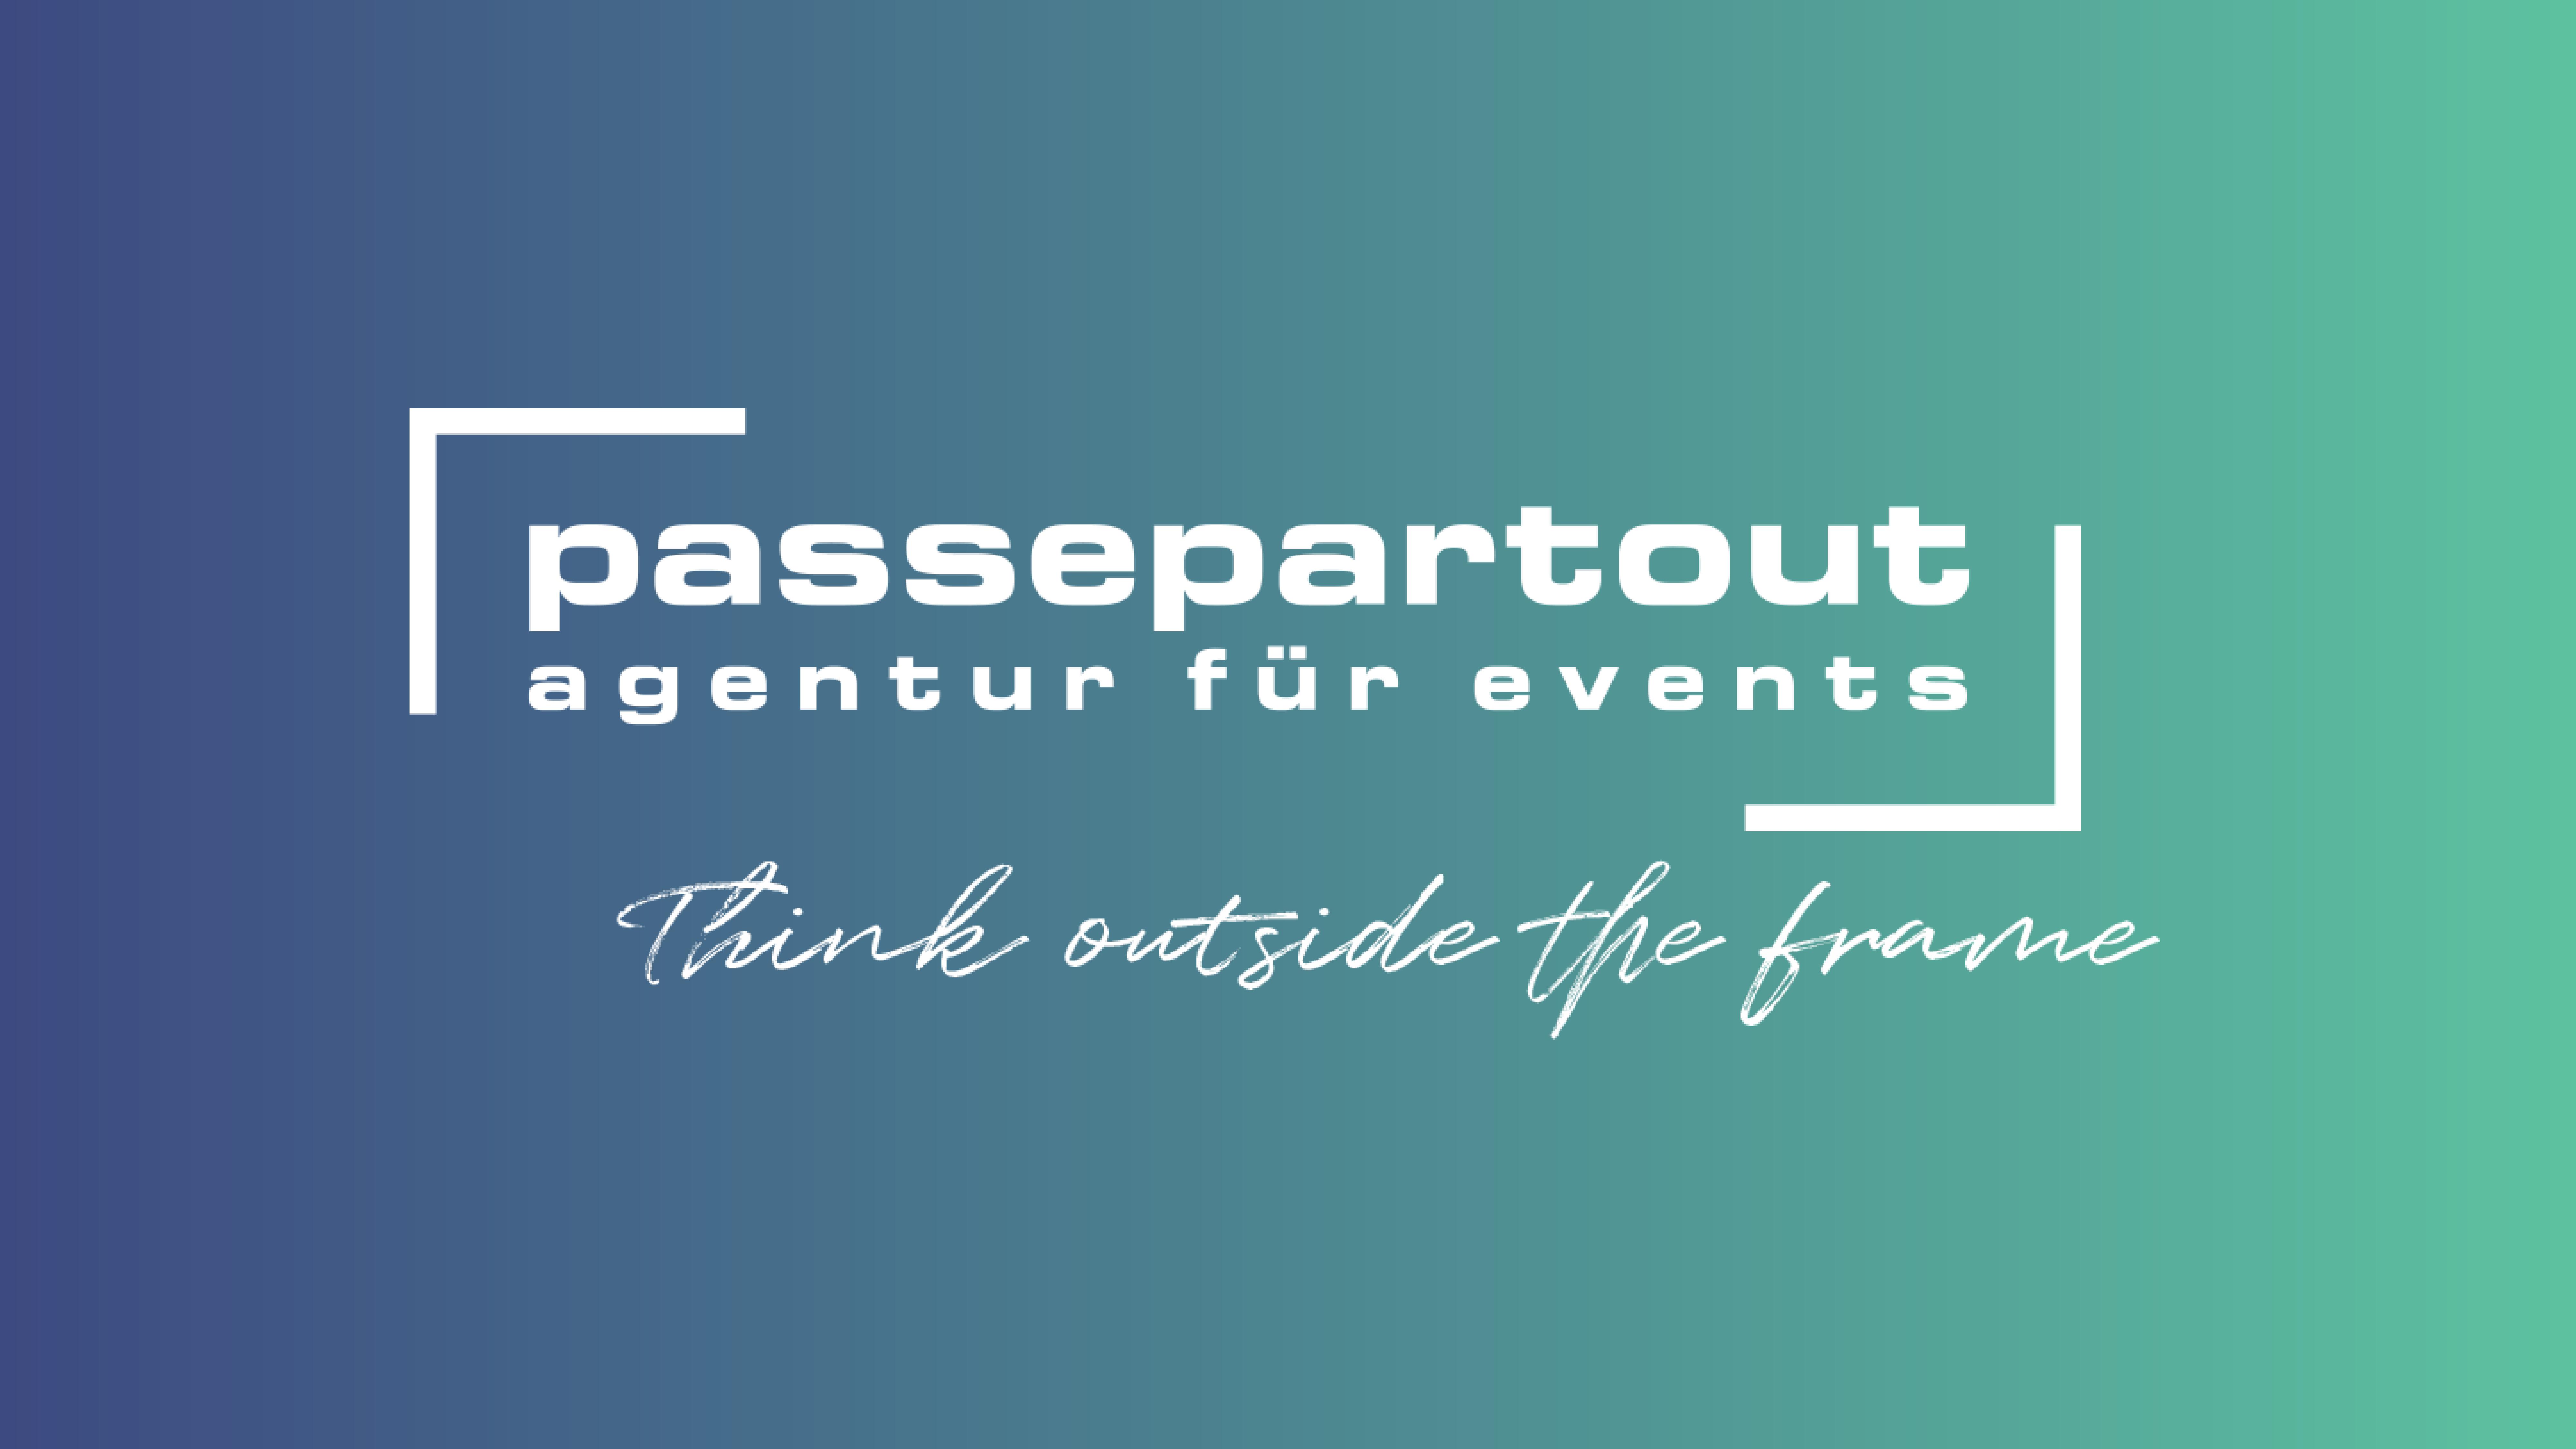 Agentur Passepartout – Aktuelles Think outside the frame